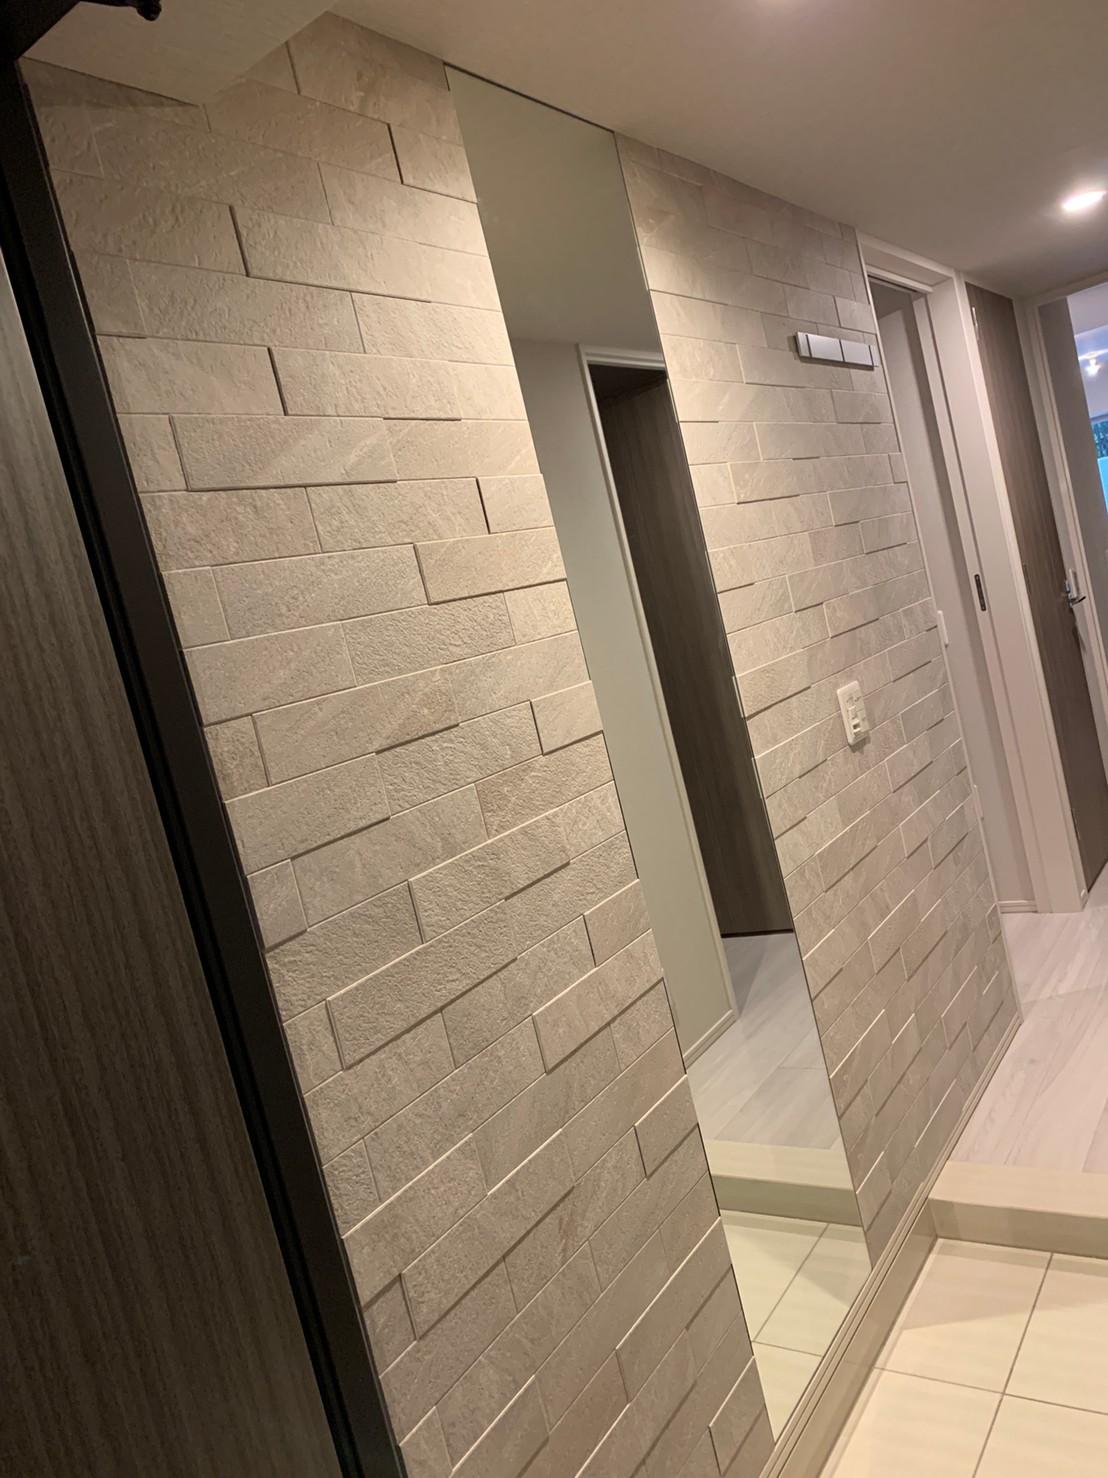 20200519玄関、トイレ、テレビエコカラット_200611_0001.jpg